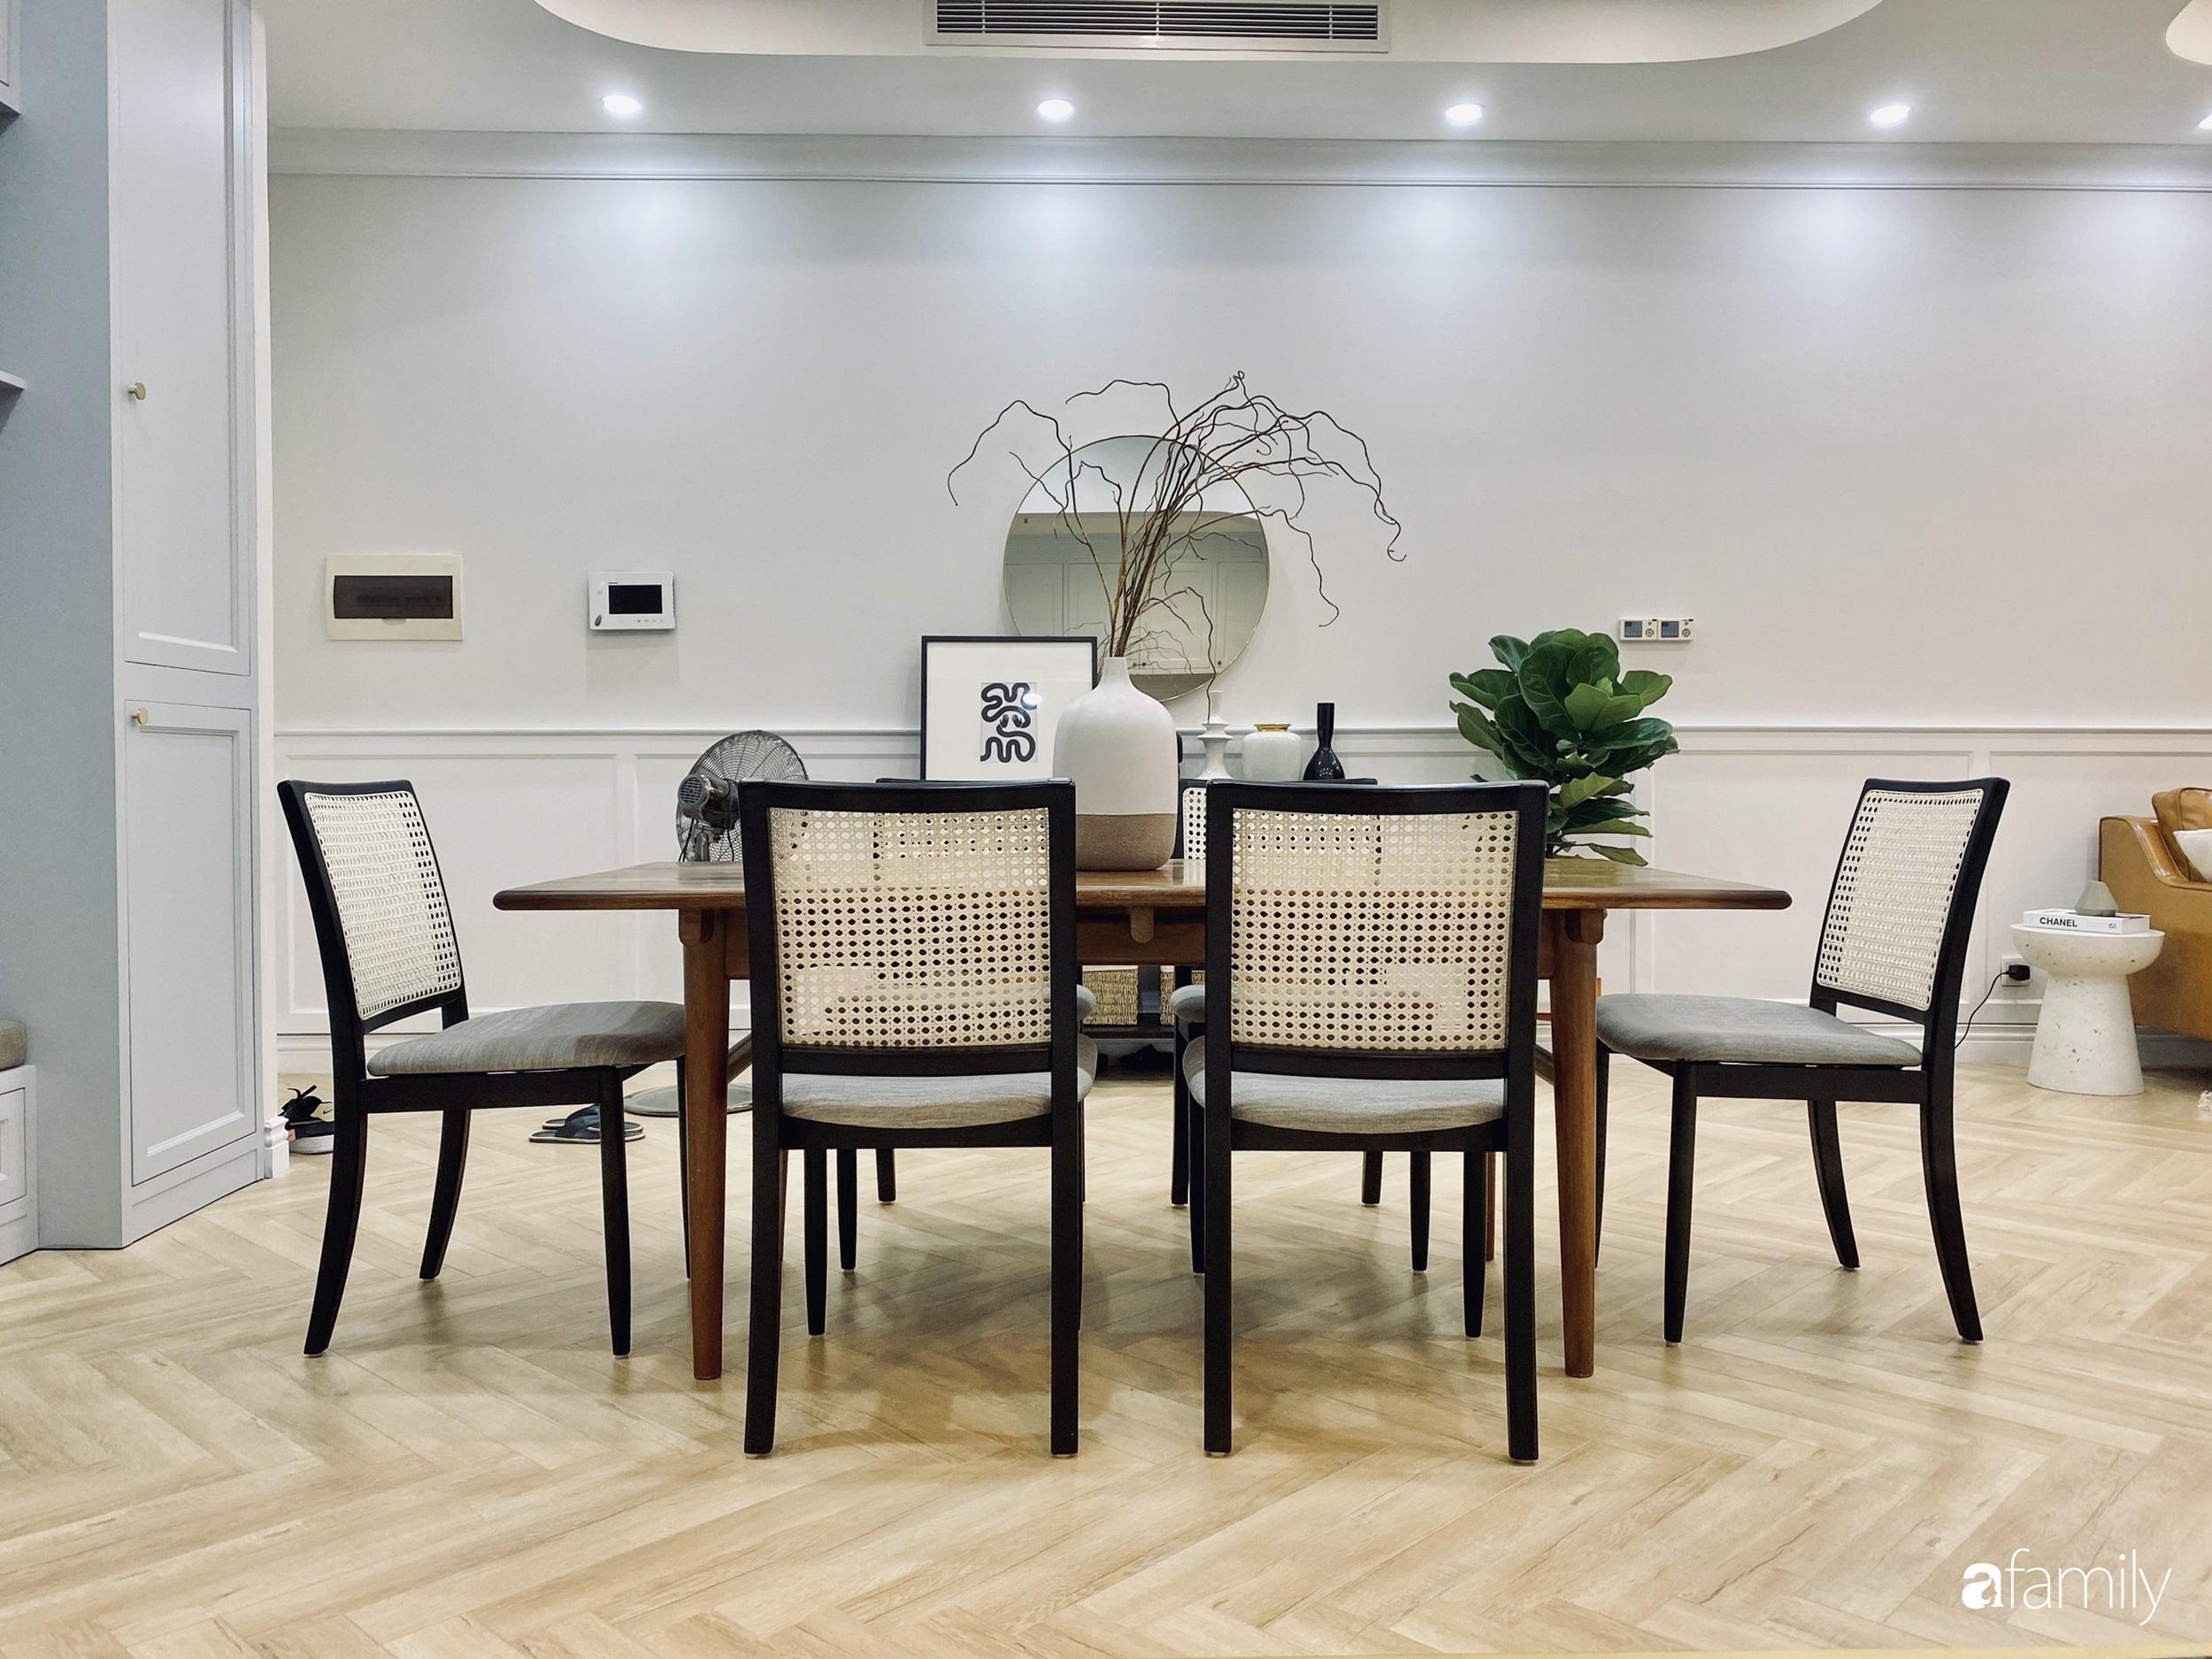 Căn hộ 120m² đẹp bình yên theo phong cách Farmhouse  có chi phí hoàn thiện 465 triệu đồng ở Hà Nội - Ảnh 10.